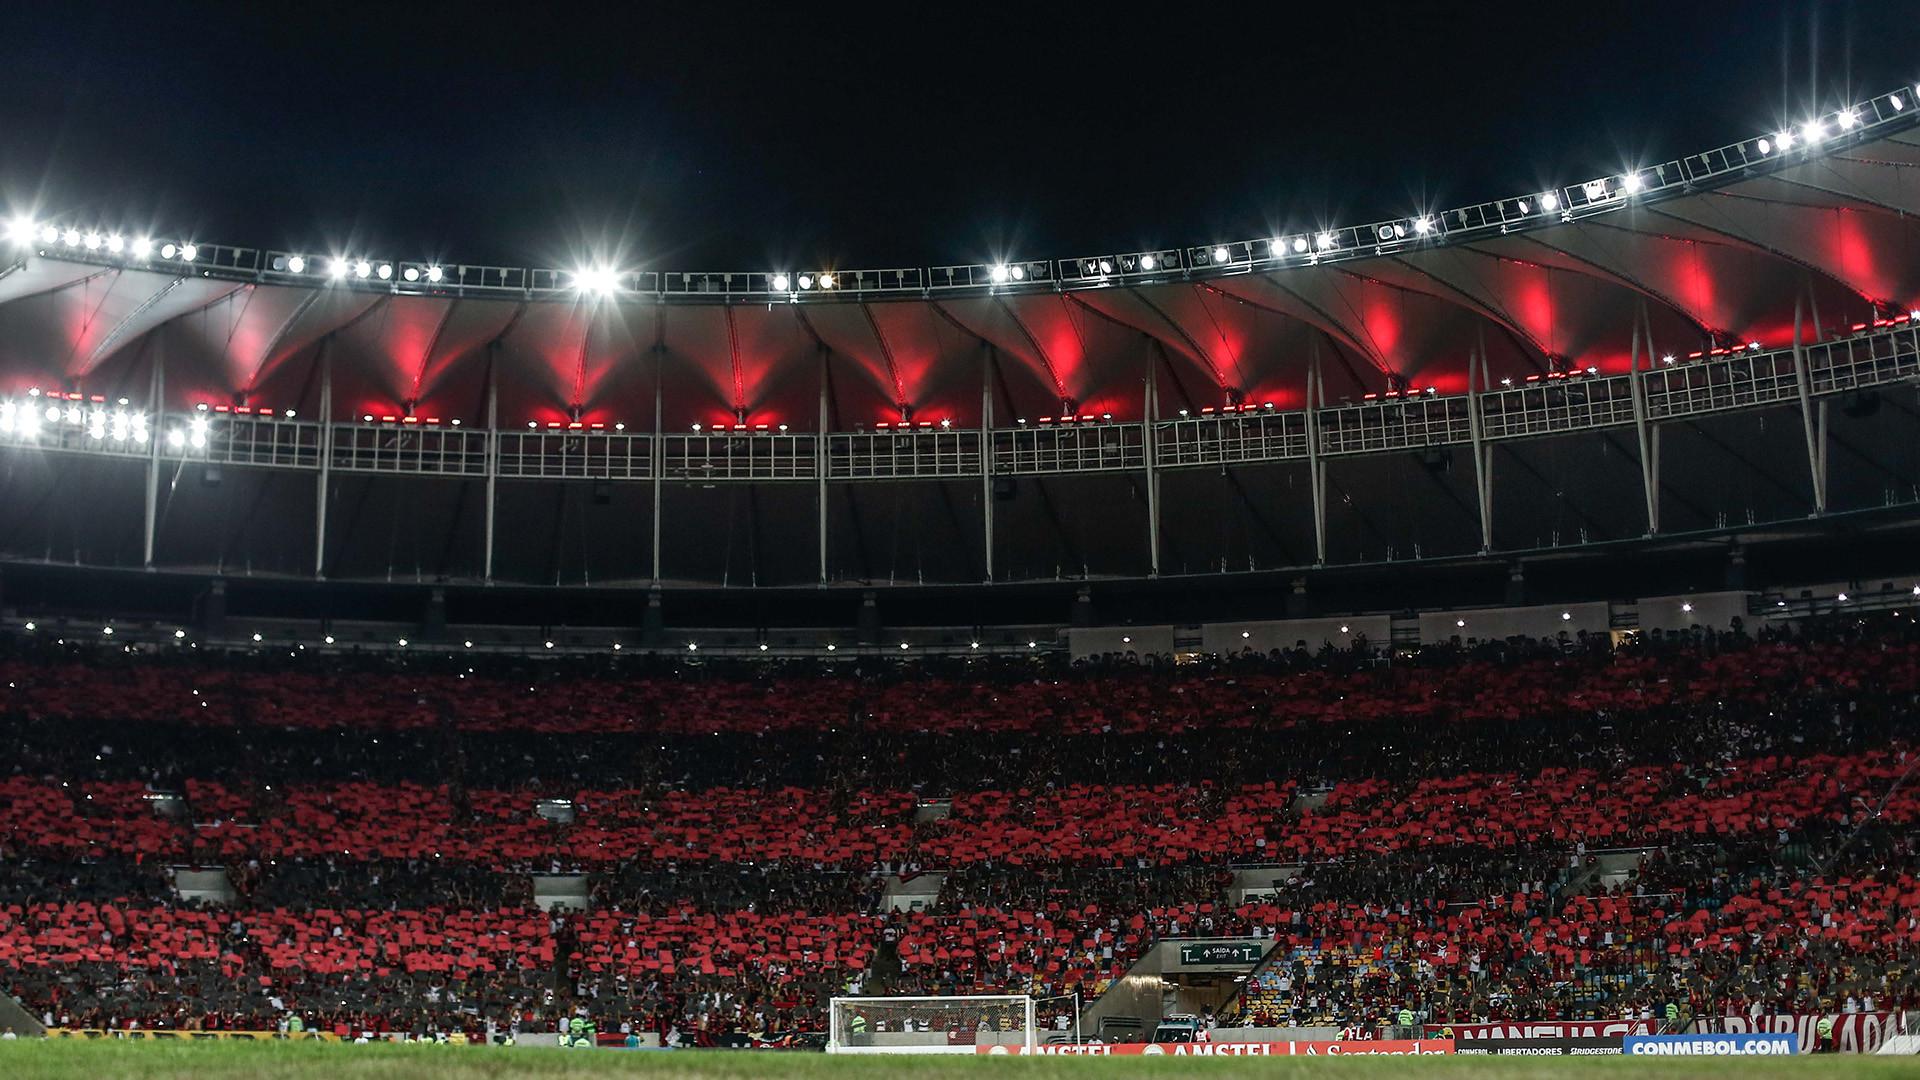 Papel De Parede 1920x1080 Full Hd: Flamengo Wallpapers (68+ Images